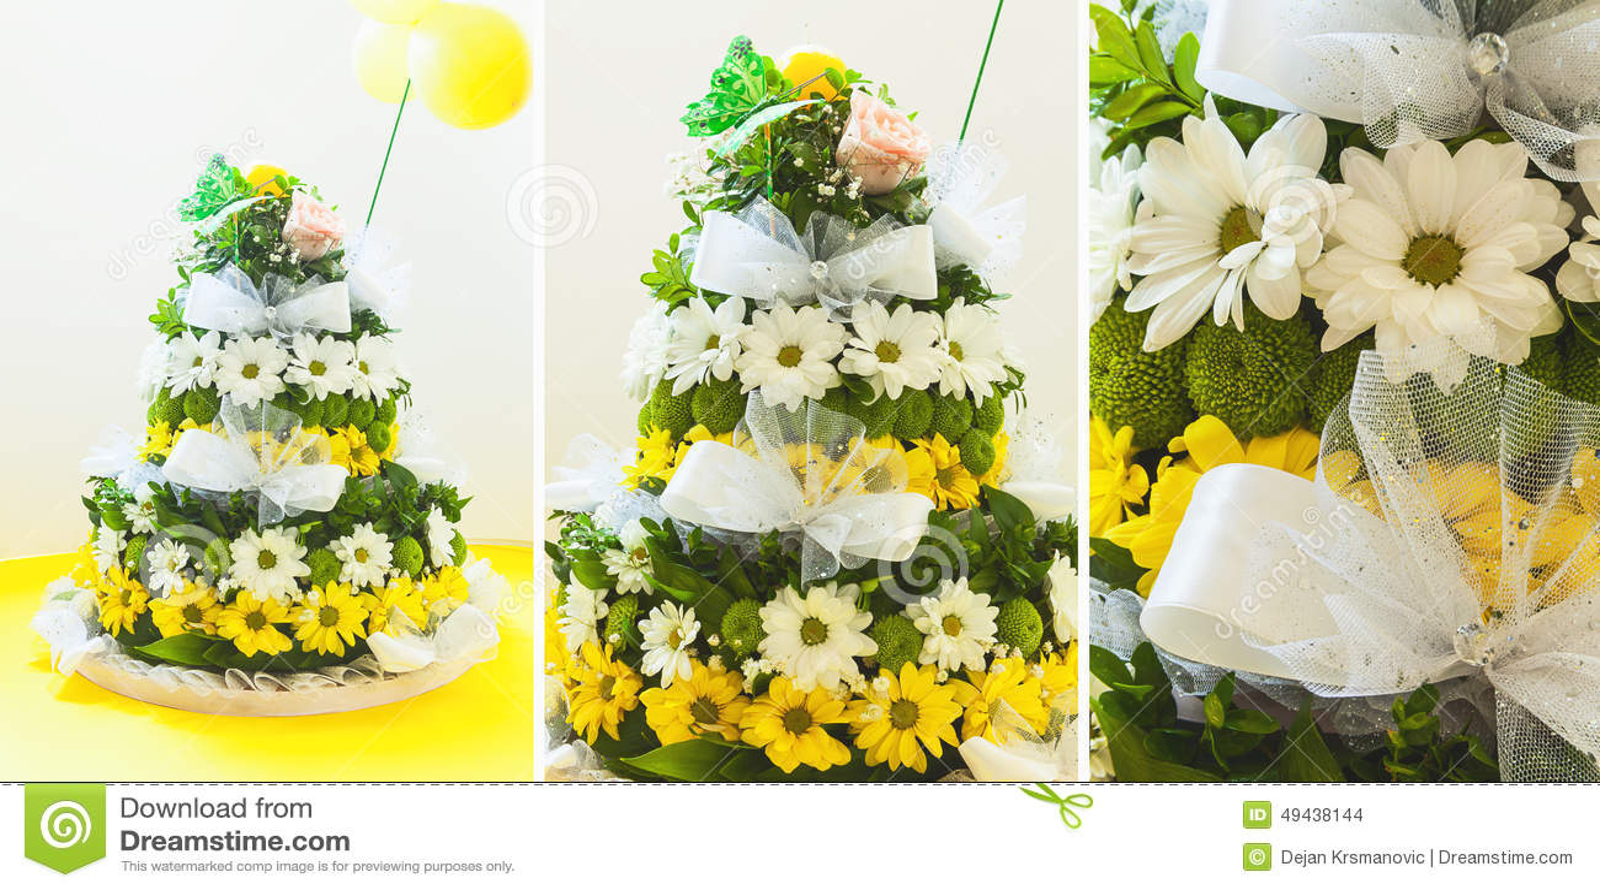 Flower Arrangement Stock Photo Image Of Ceremony Birthday 49438144